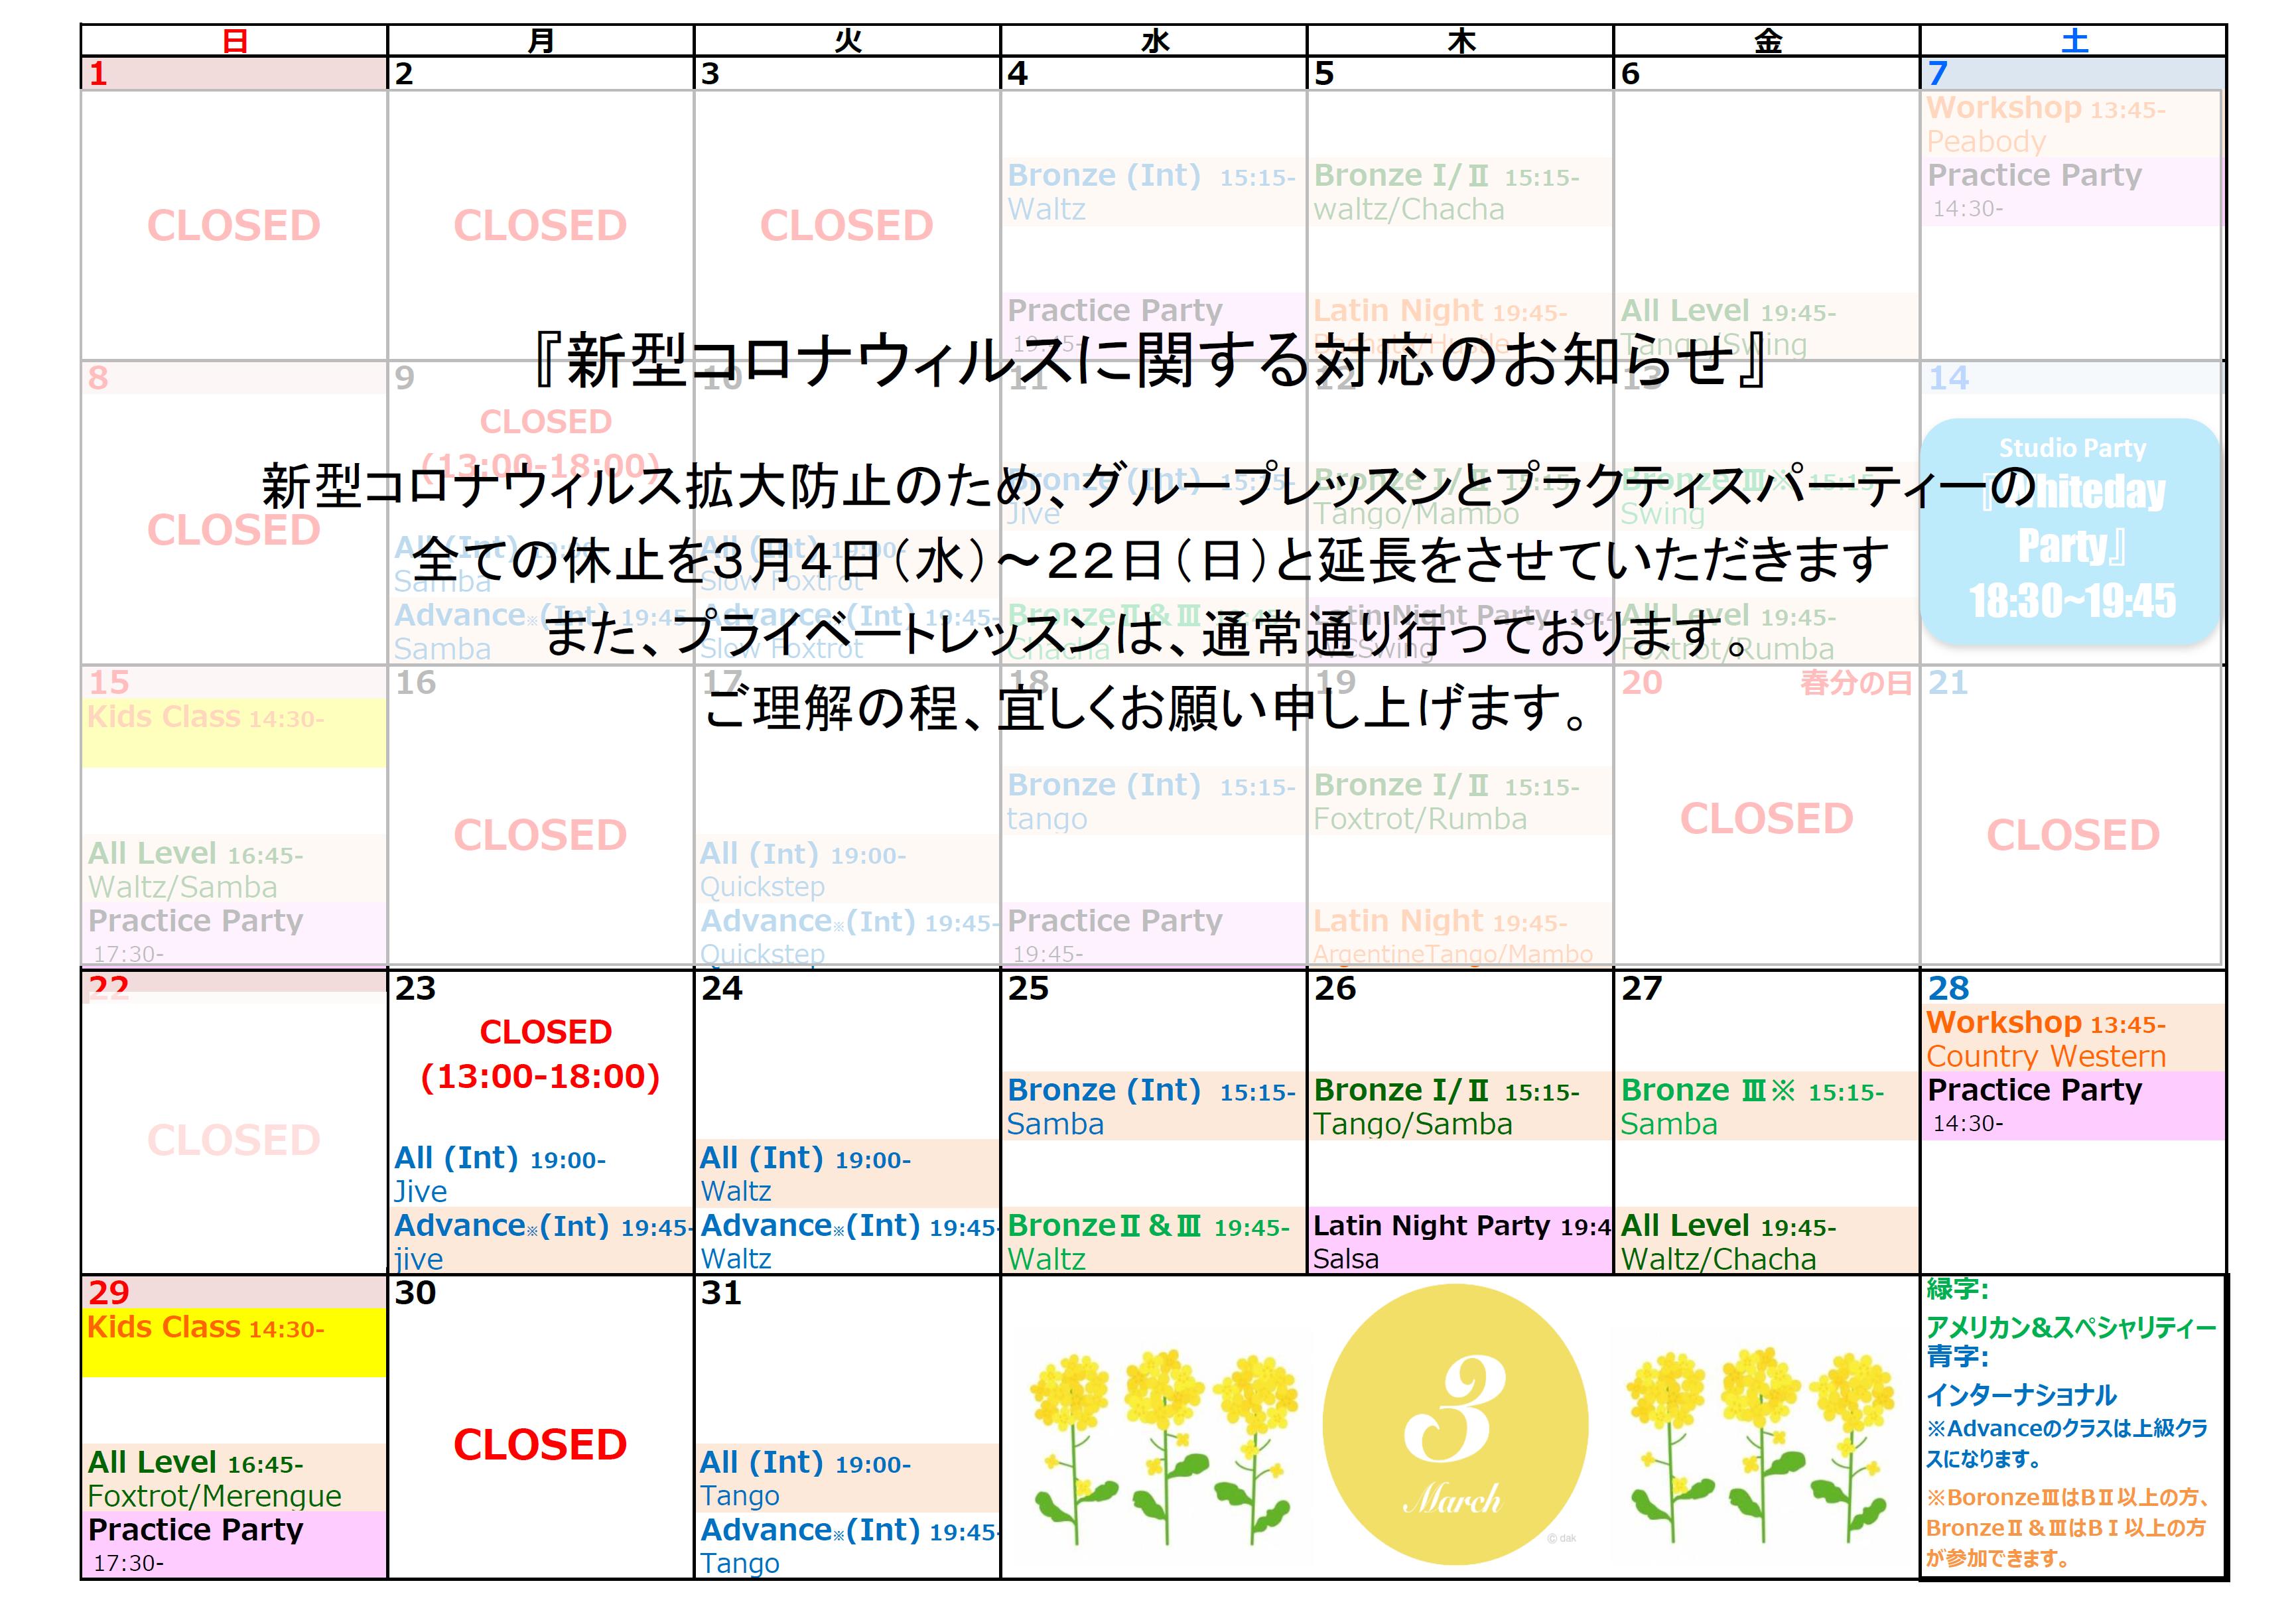 【変更延長】2020.3 Schedule